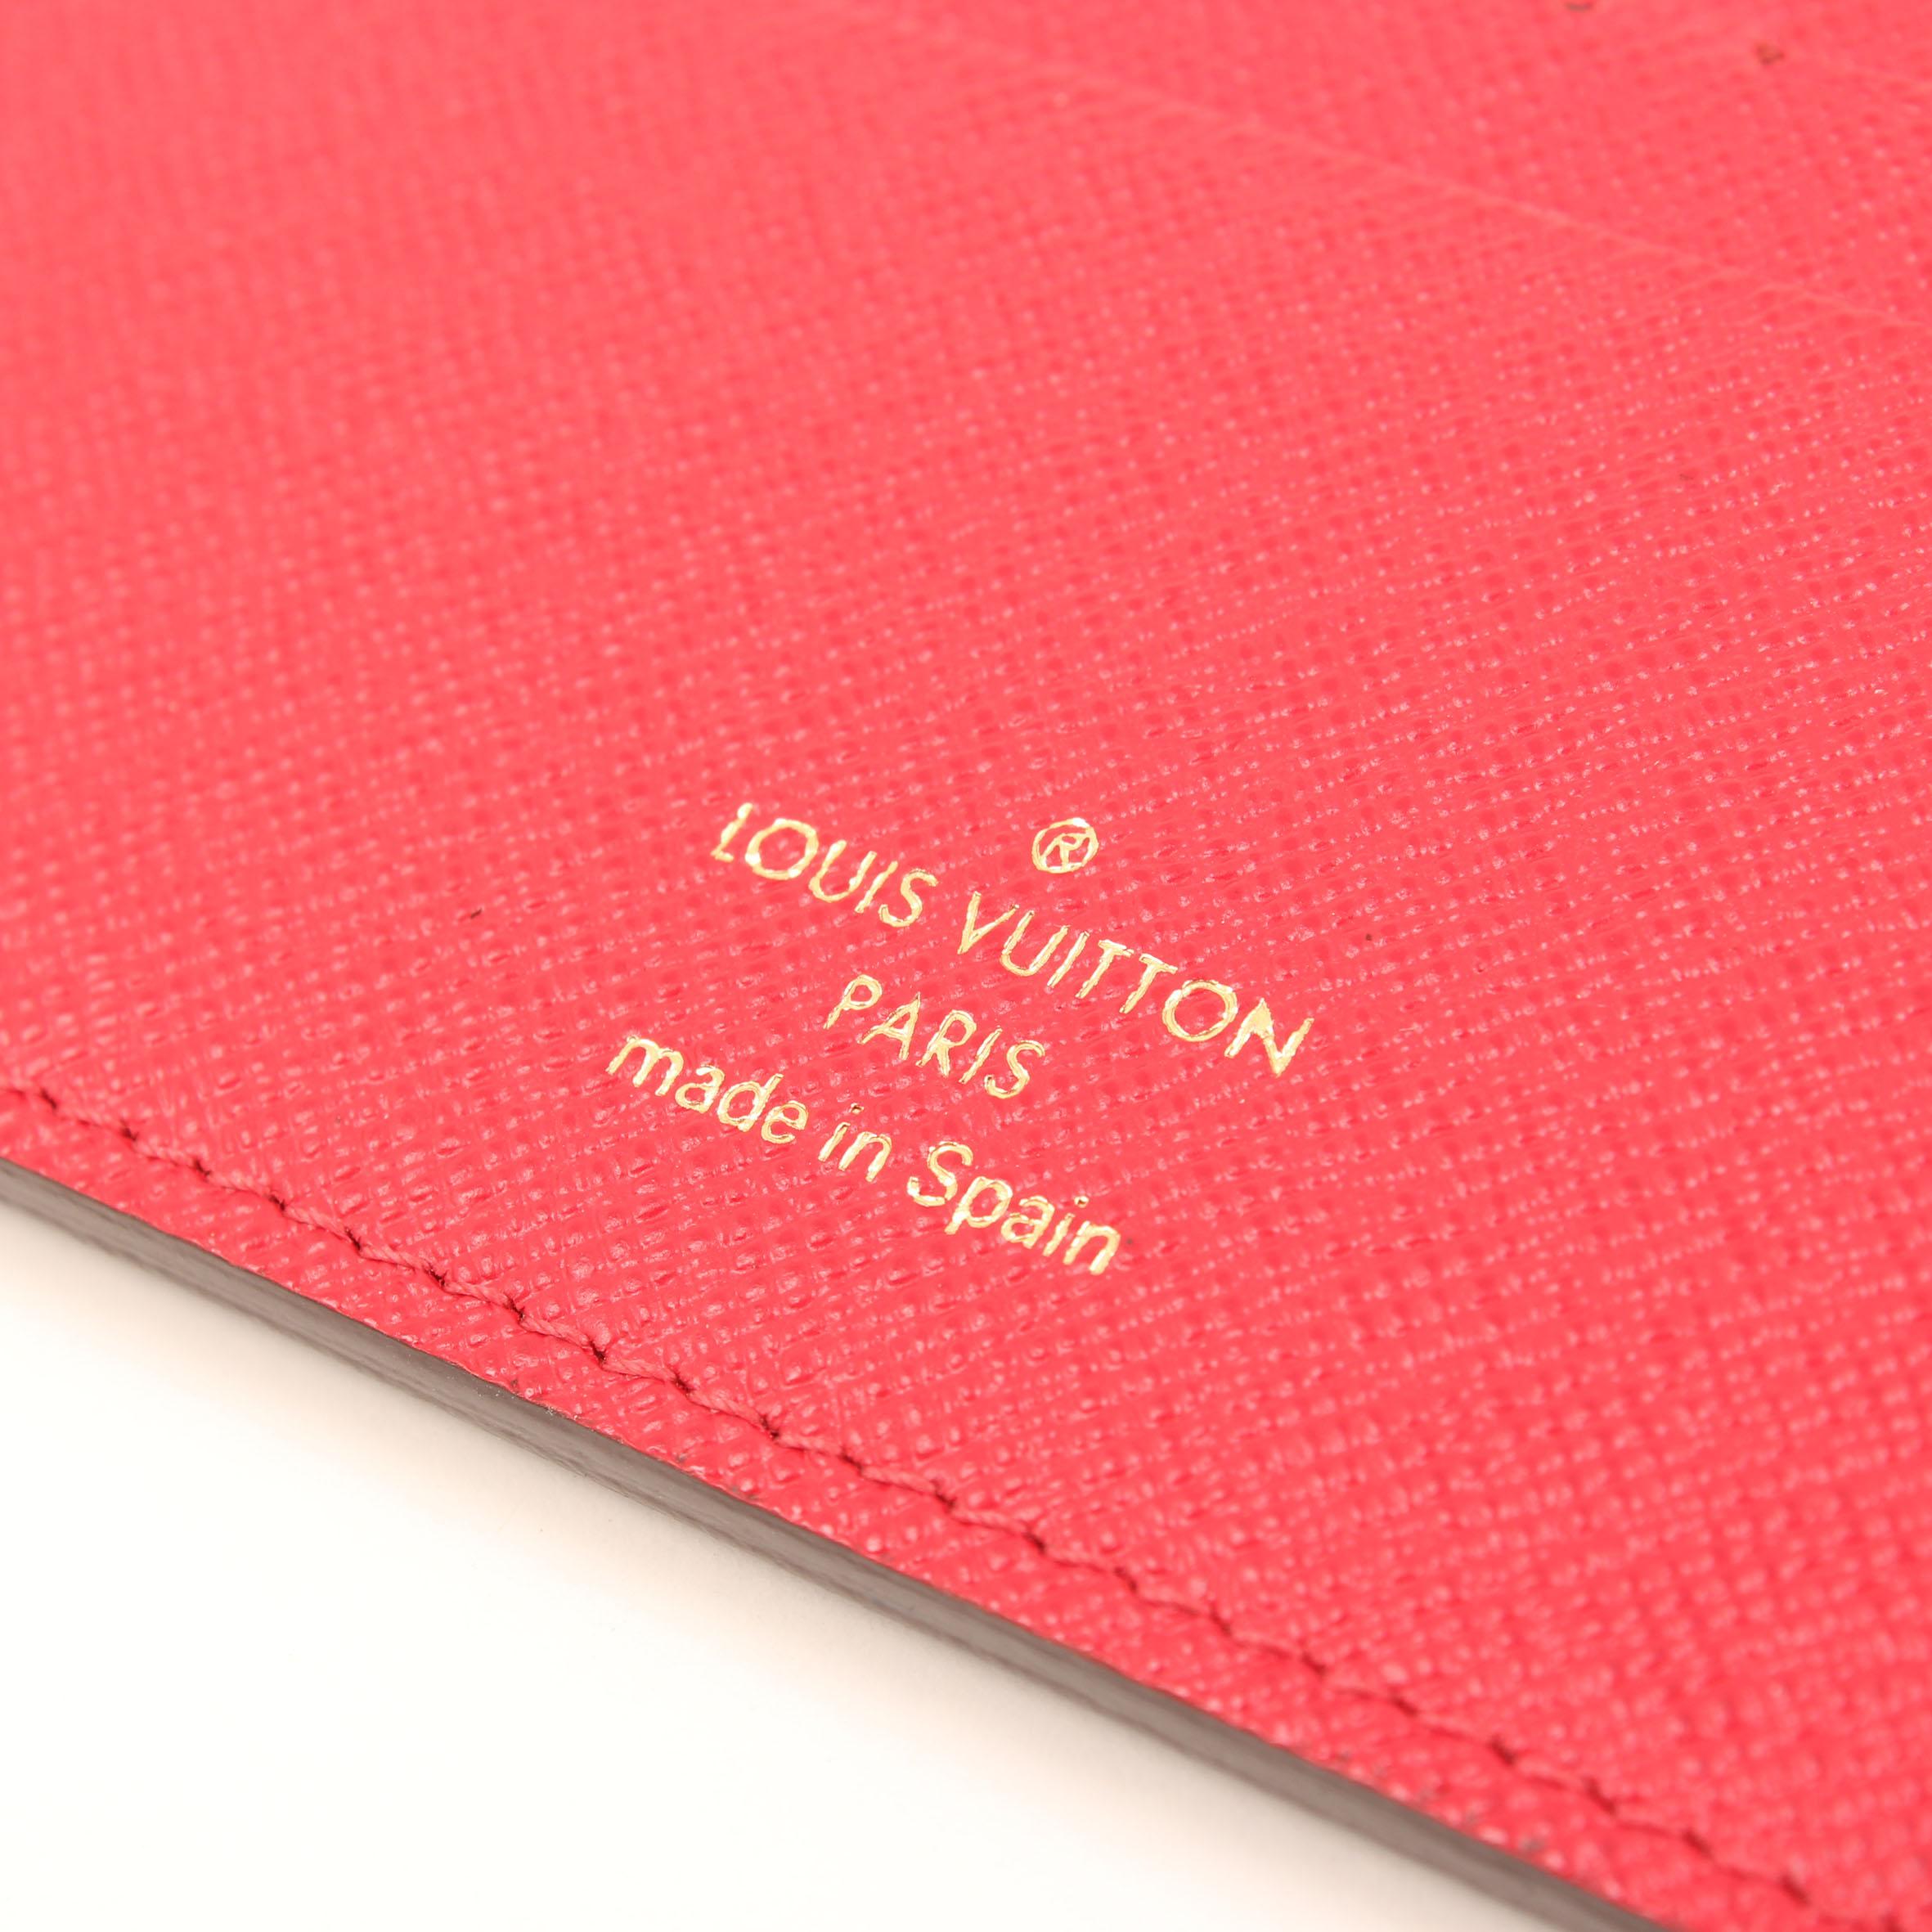 Imagen de la marca de louis vuitton insolite monogram interior rojo